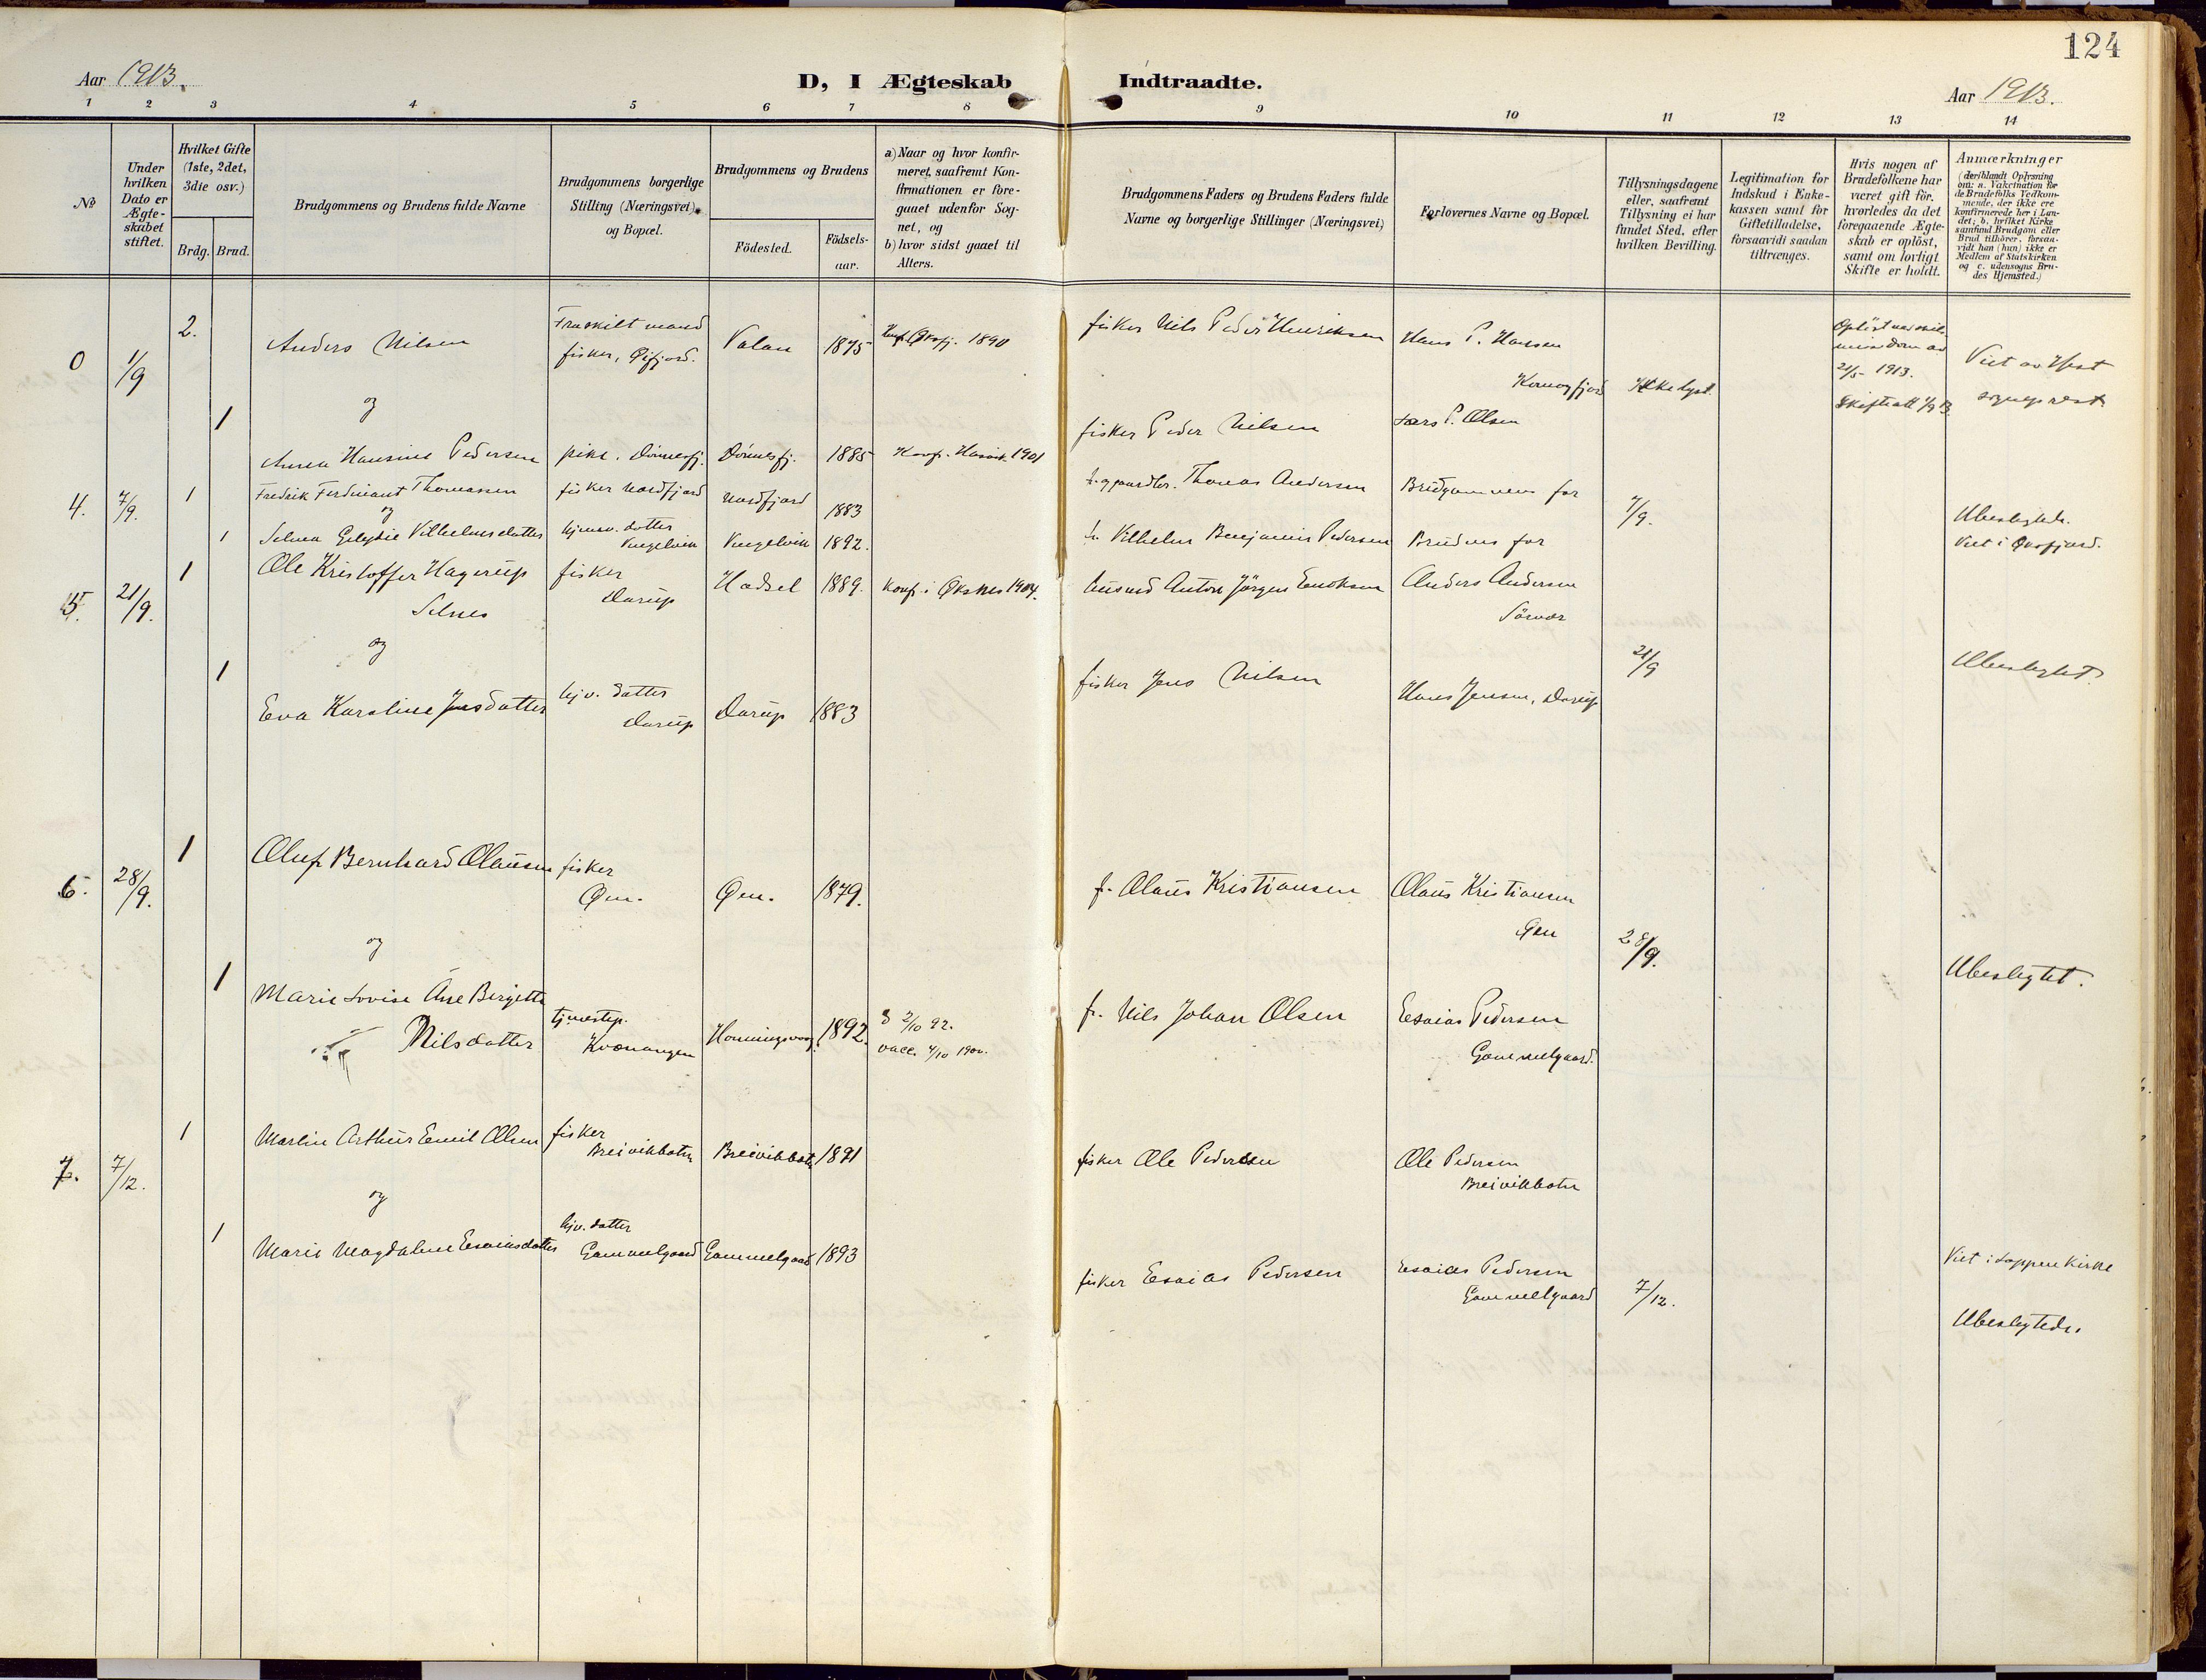 SATØ, Loppa sokneprestkontor, H/Ha/L0010kirke: Ministerialbok nr. 10, 1907-1922, s. 124